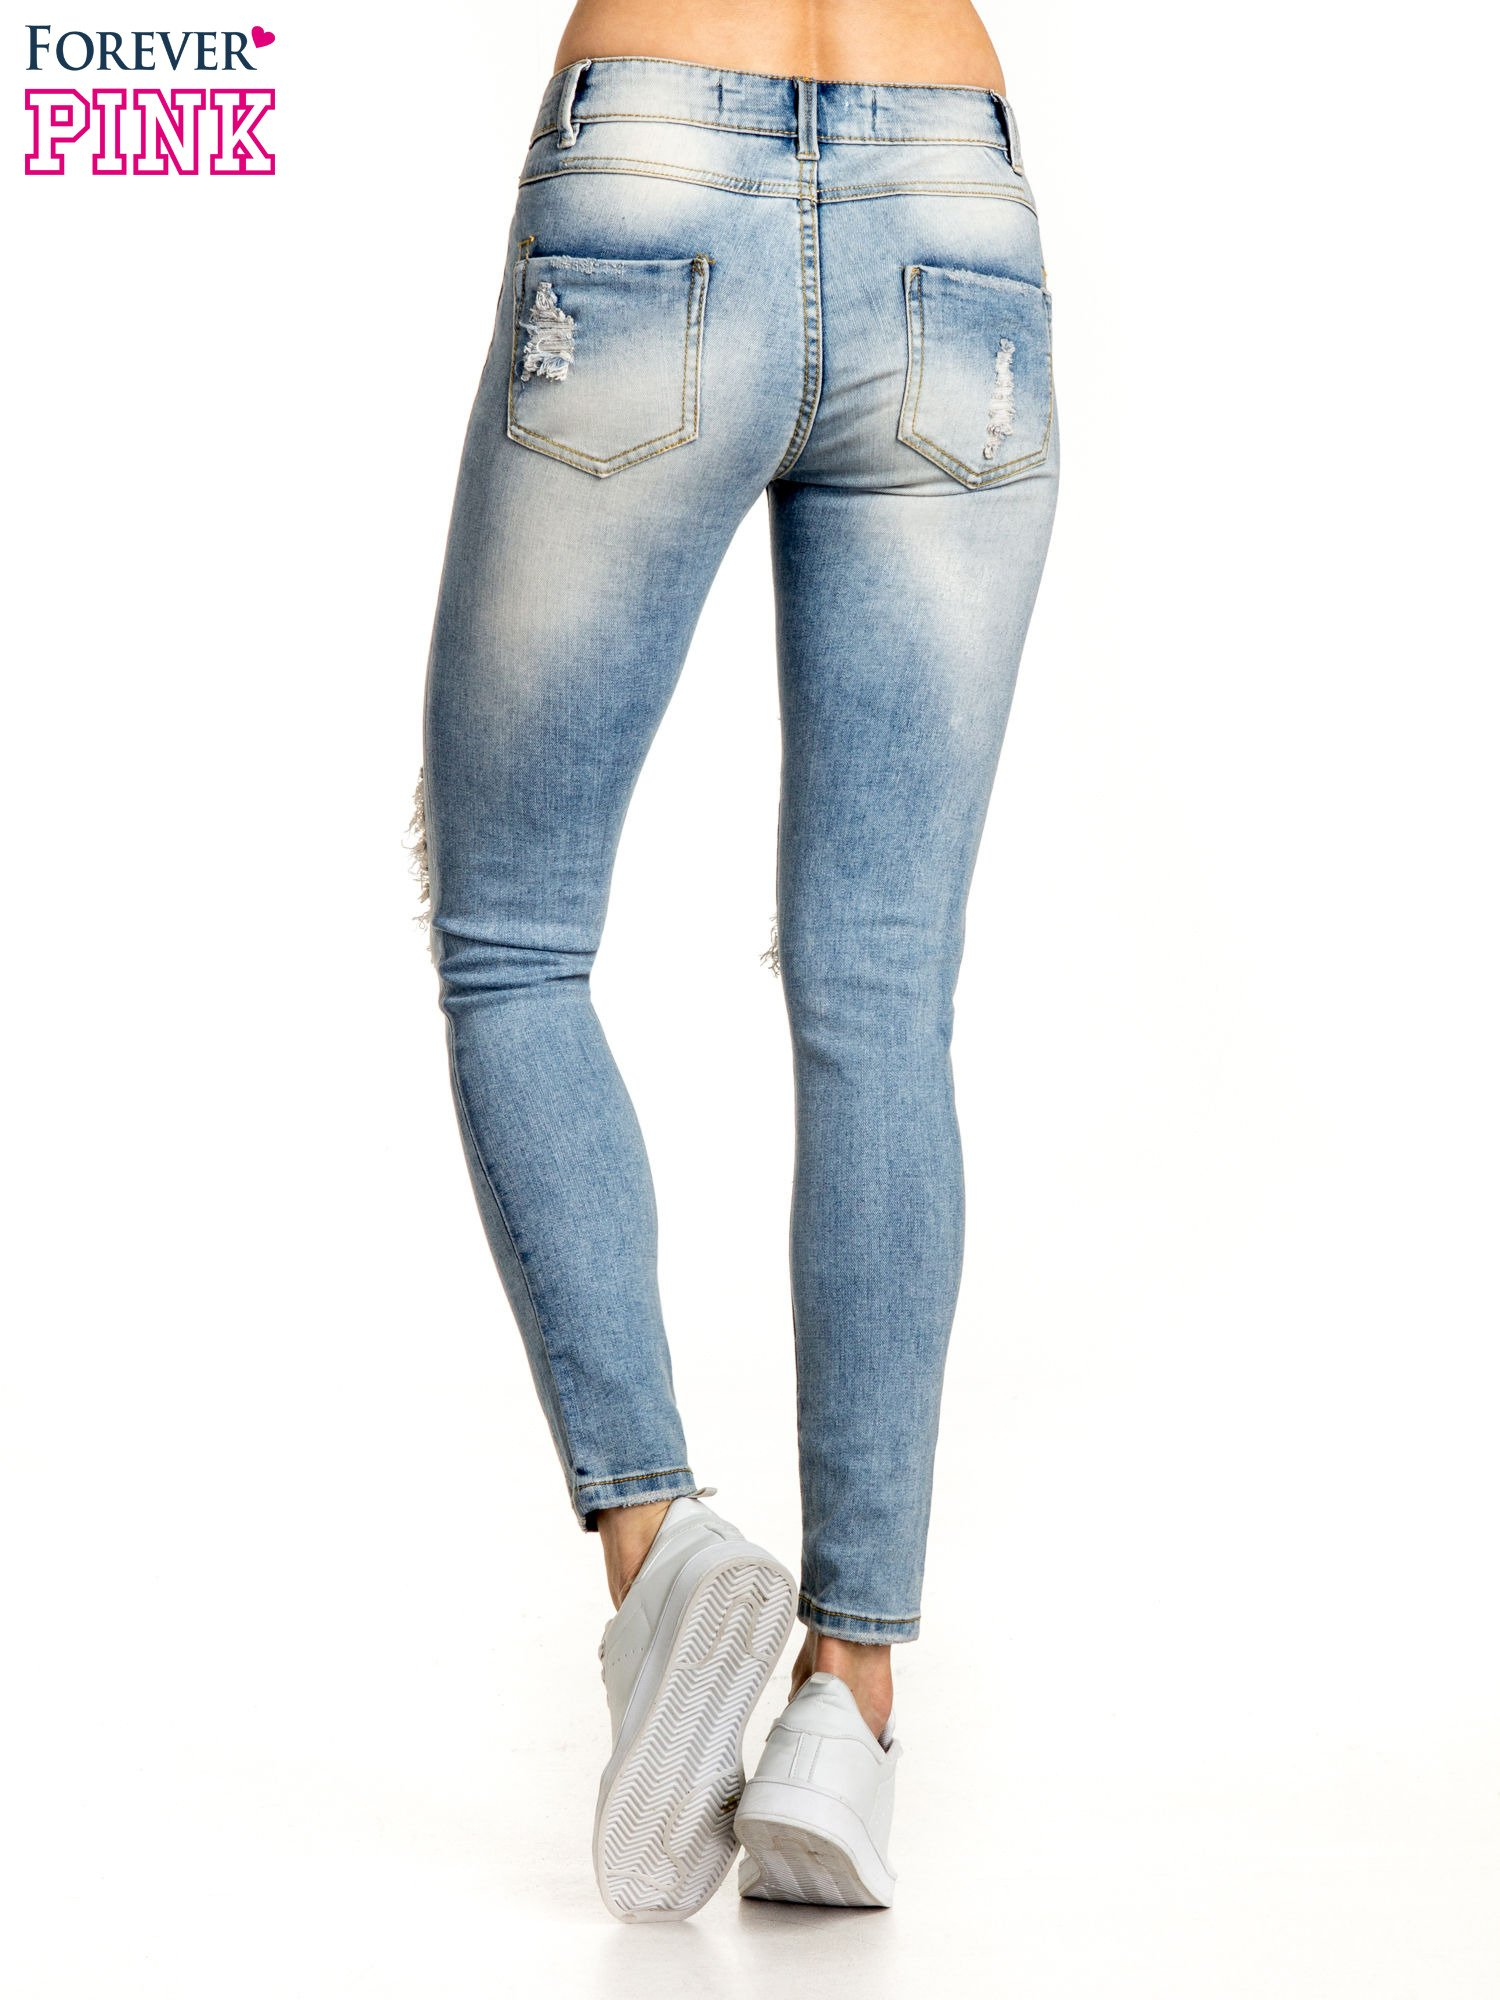 Jasnoniebieskie spodnie skinny jeans ripped knee                                  zdj.                                  3